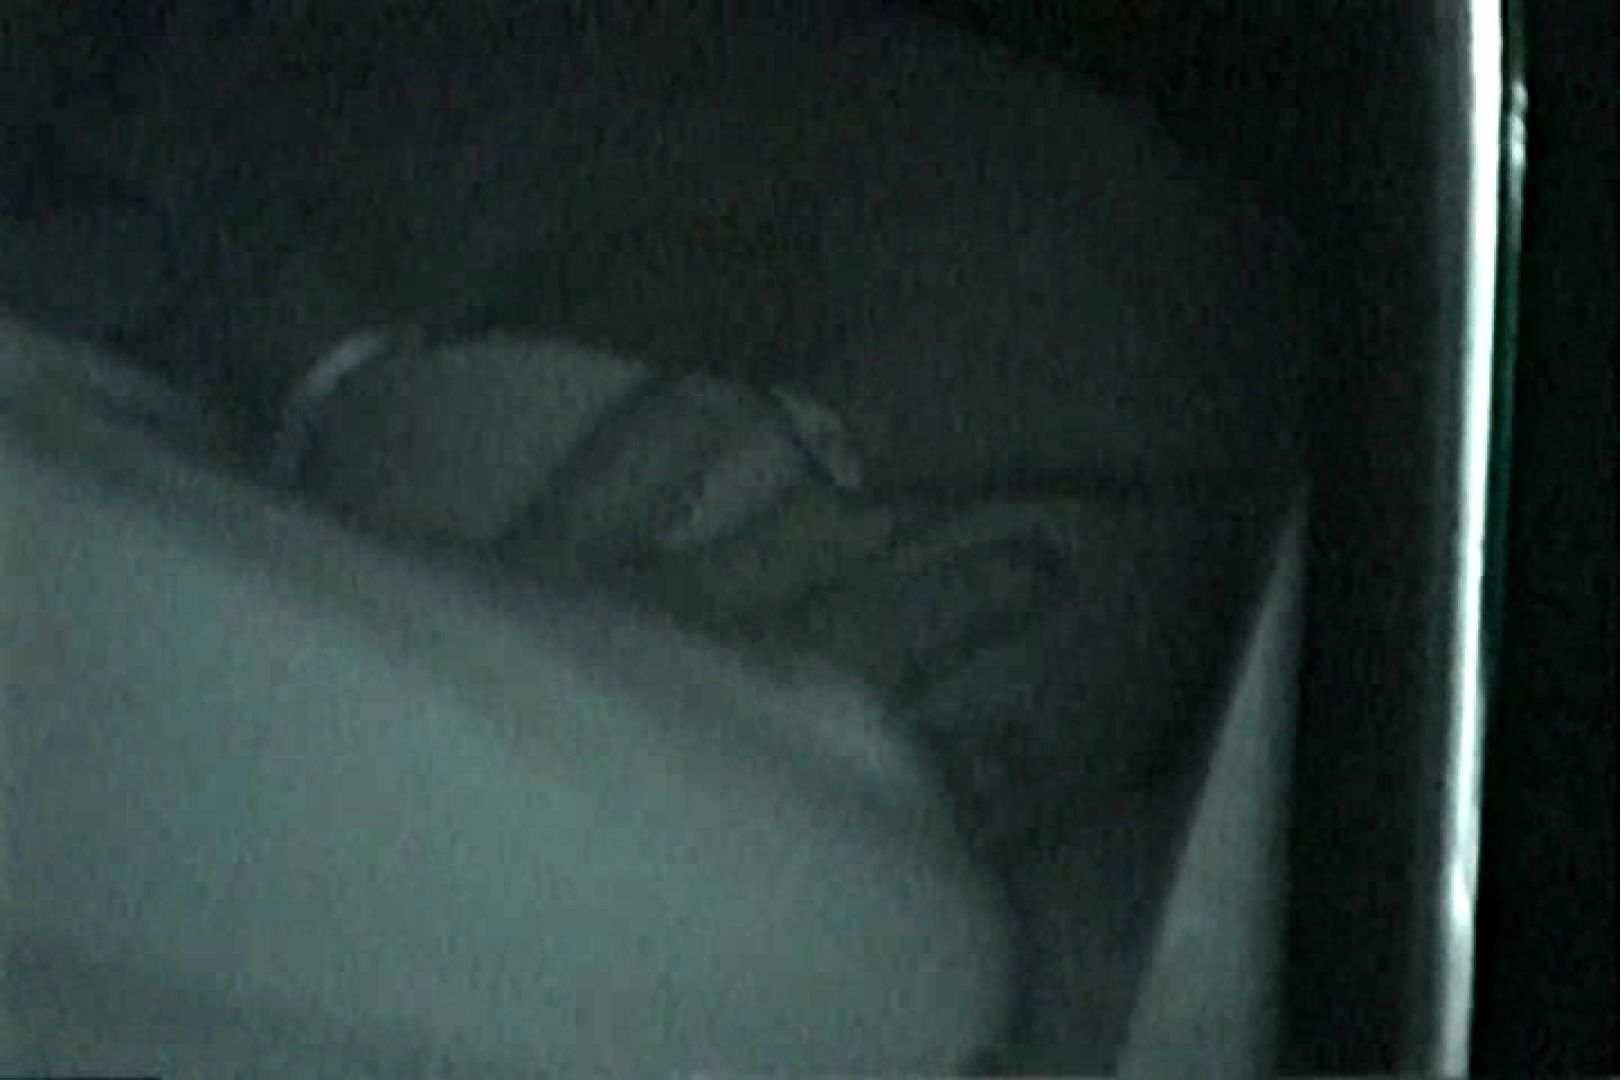 充血監督の深夜の運動会Vol.125 OLセックス 盗撮オマンコ無修正動画無料 59画像 2